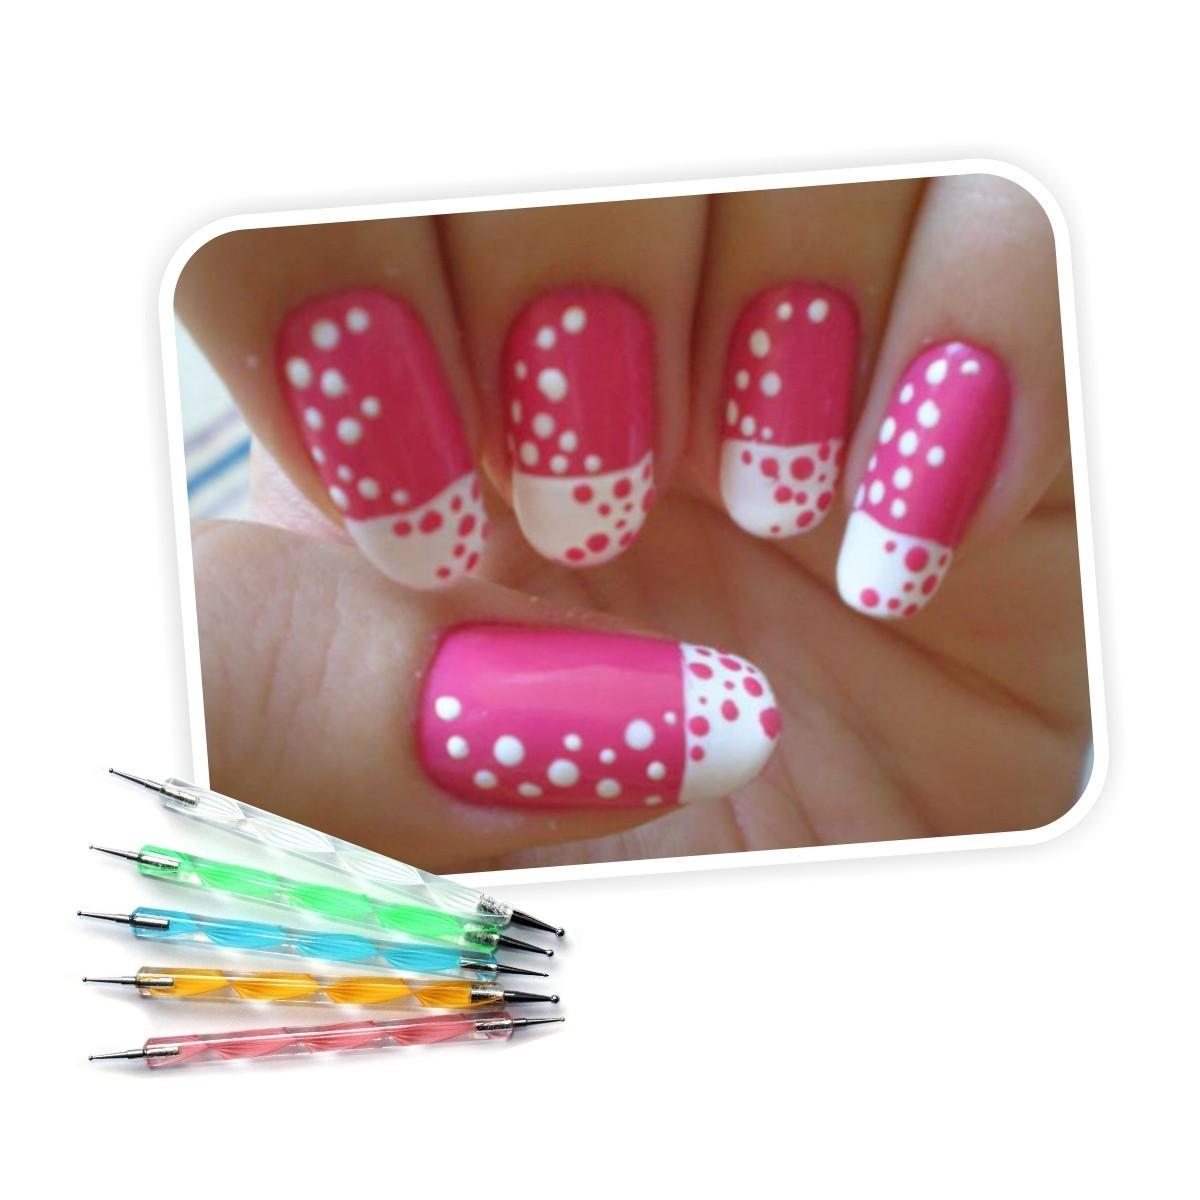 Set con 10 punteros dotting pen para decoraci n de u as - Ultimas tendencias en decoracion de unas ...